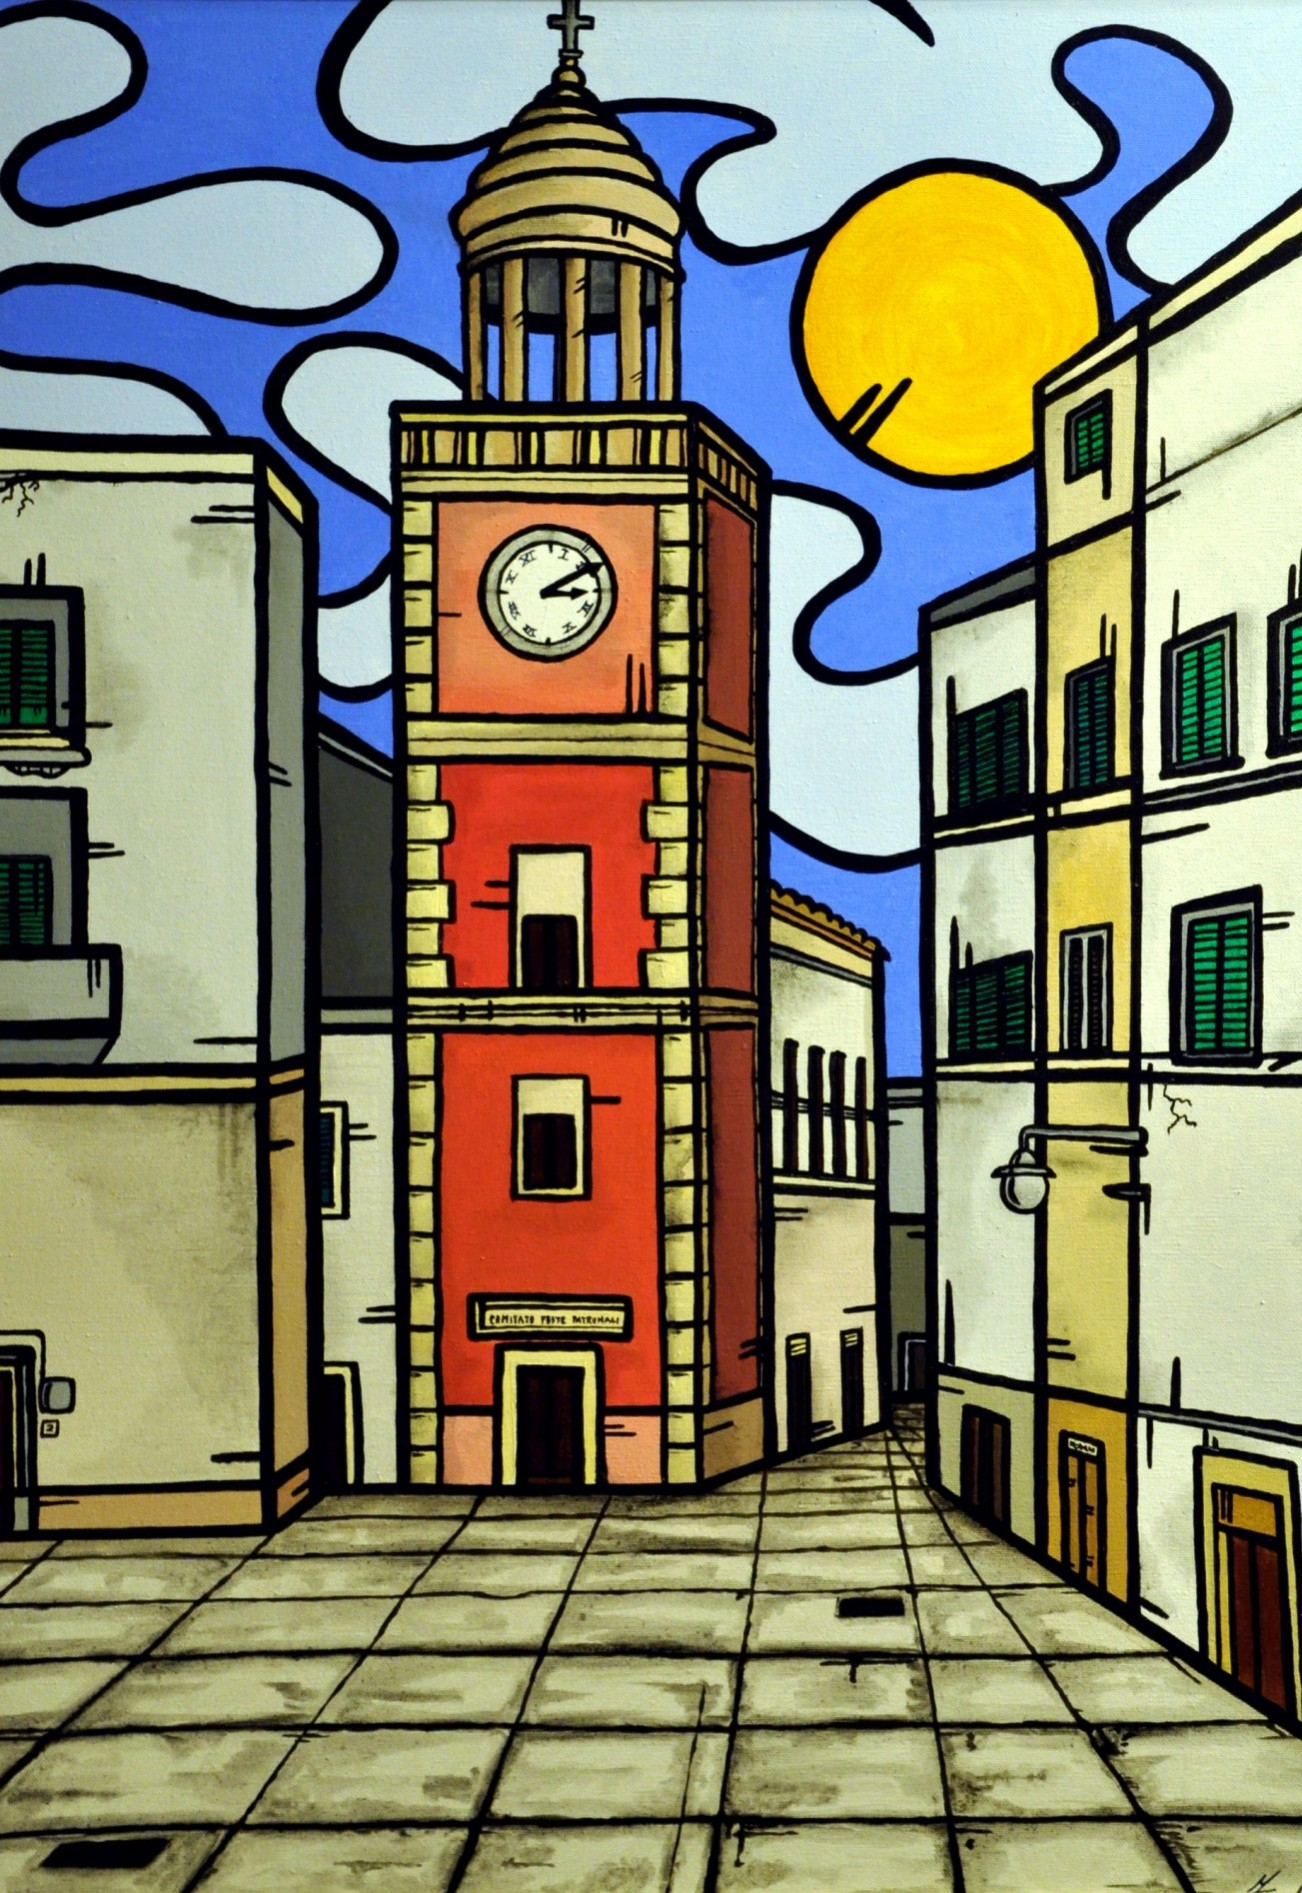 opera d'arte, contornismo metafisico, francesco ferrulli, pittore pugliese, artista italiano, arte contemporanea, dipinto, olio su tela, acrilico su tela, paesaggi pugliesi, quadro colorato, oil on canvas, art, painter, noci, bari, torre orologio